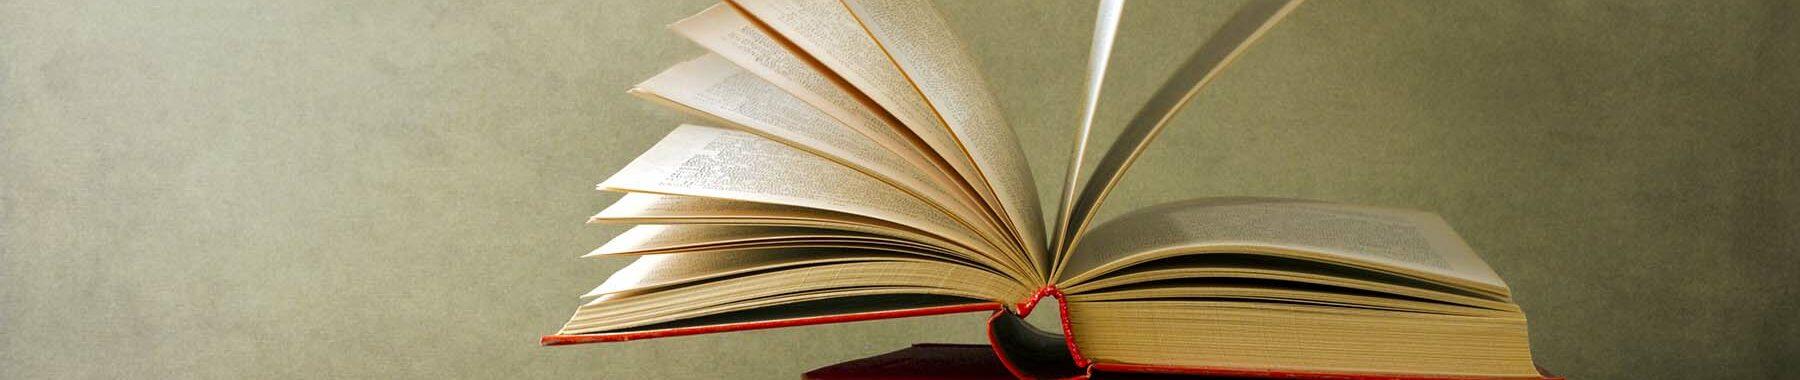 Aufgeschlagenes Buch als Motto-Bild für Buchbesprechungen der Berliner Paartherapeutin Julia Bellabarba